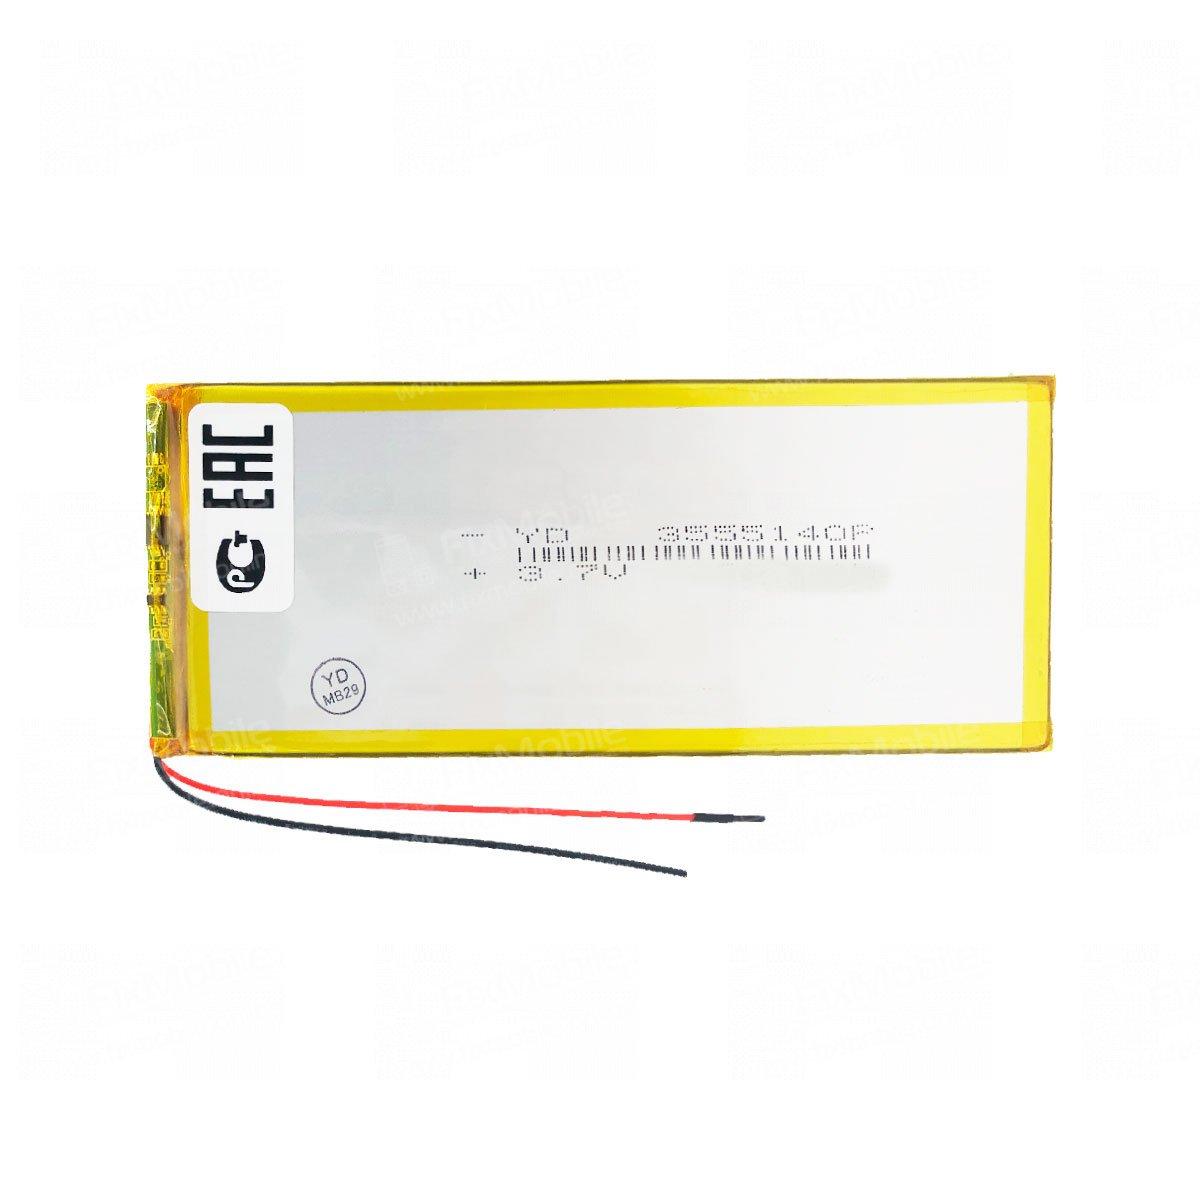 Аккумуляторная батарея универсальная 3555140p 3,7V 3200 mAh (3.5*55*140 мм)